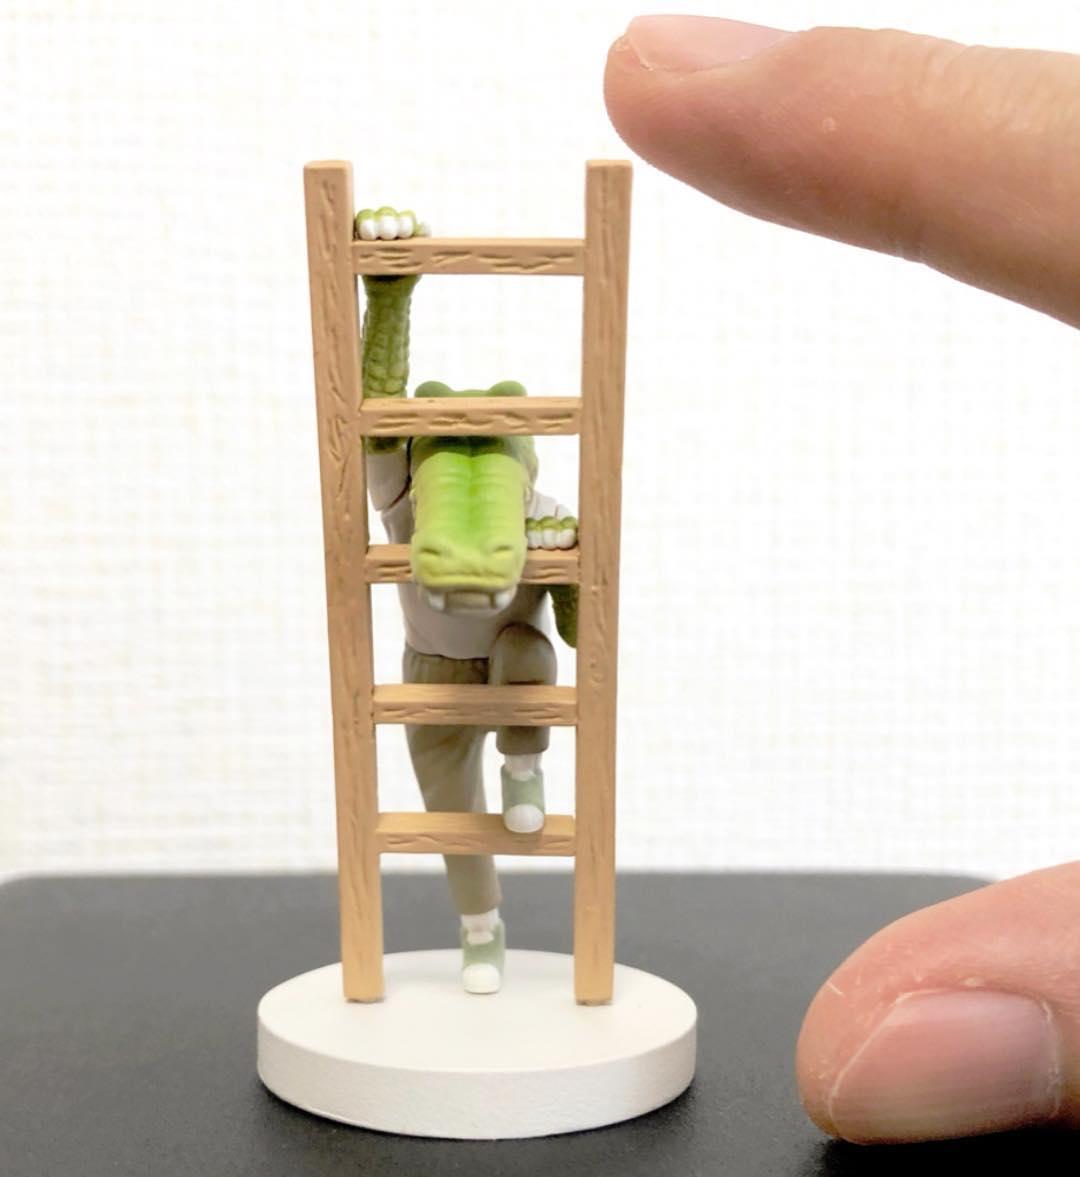 「最強腦洞插畫」要出扭蛋玩具了 6款「戳中盲點梗圖」擺在桌上就想笑XD